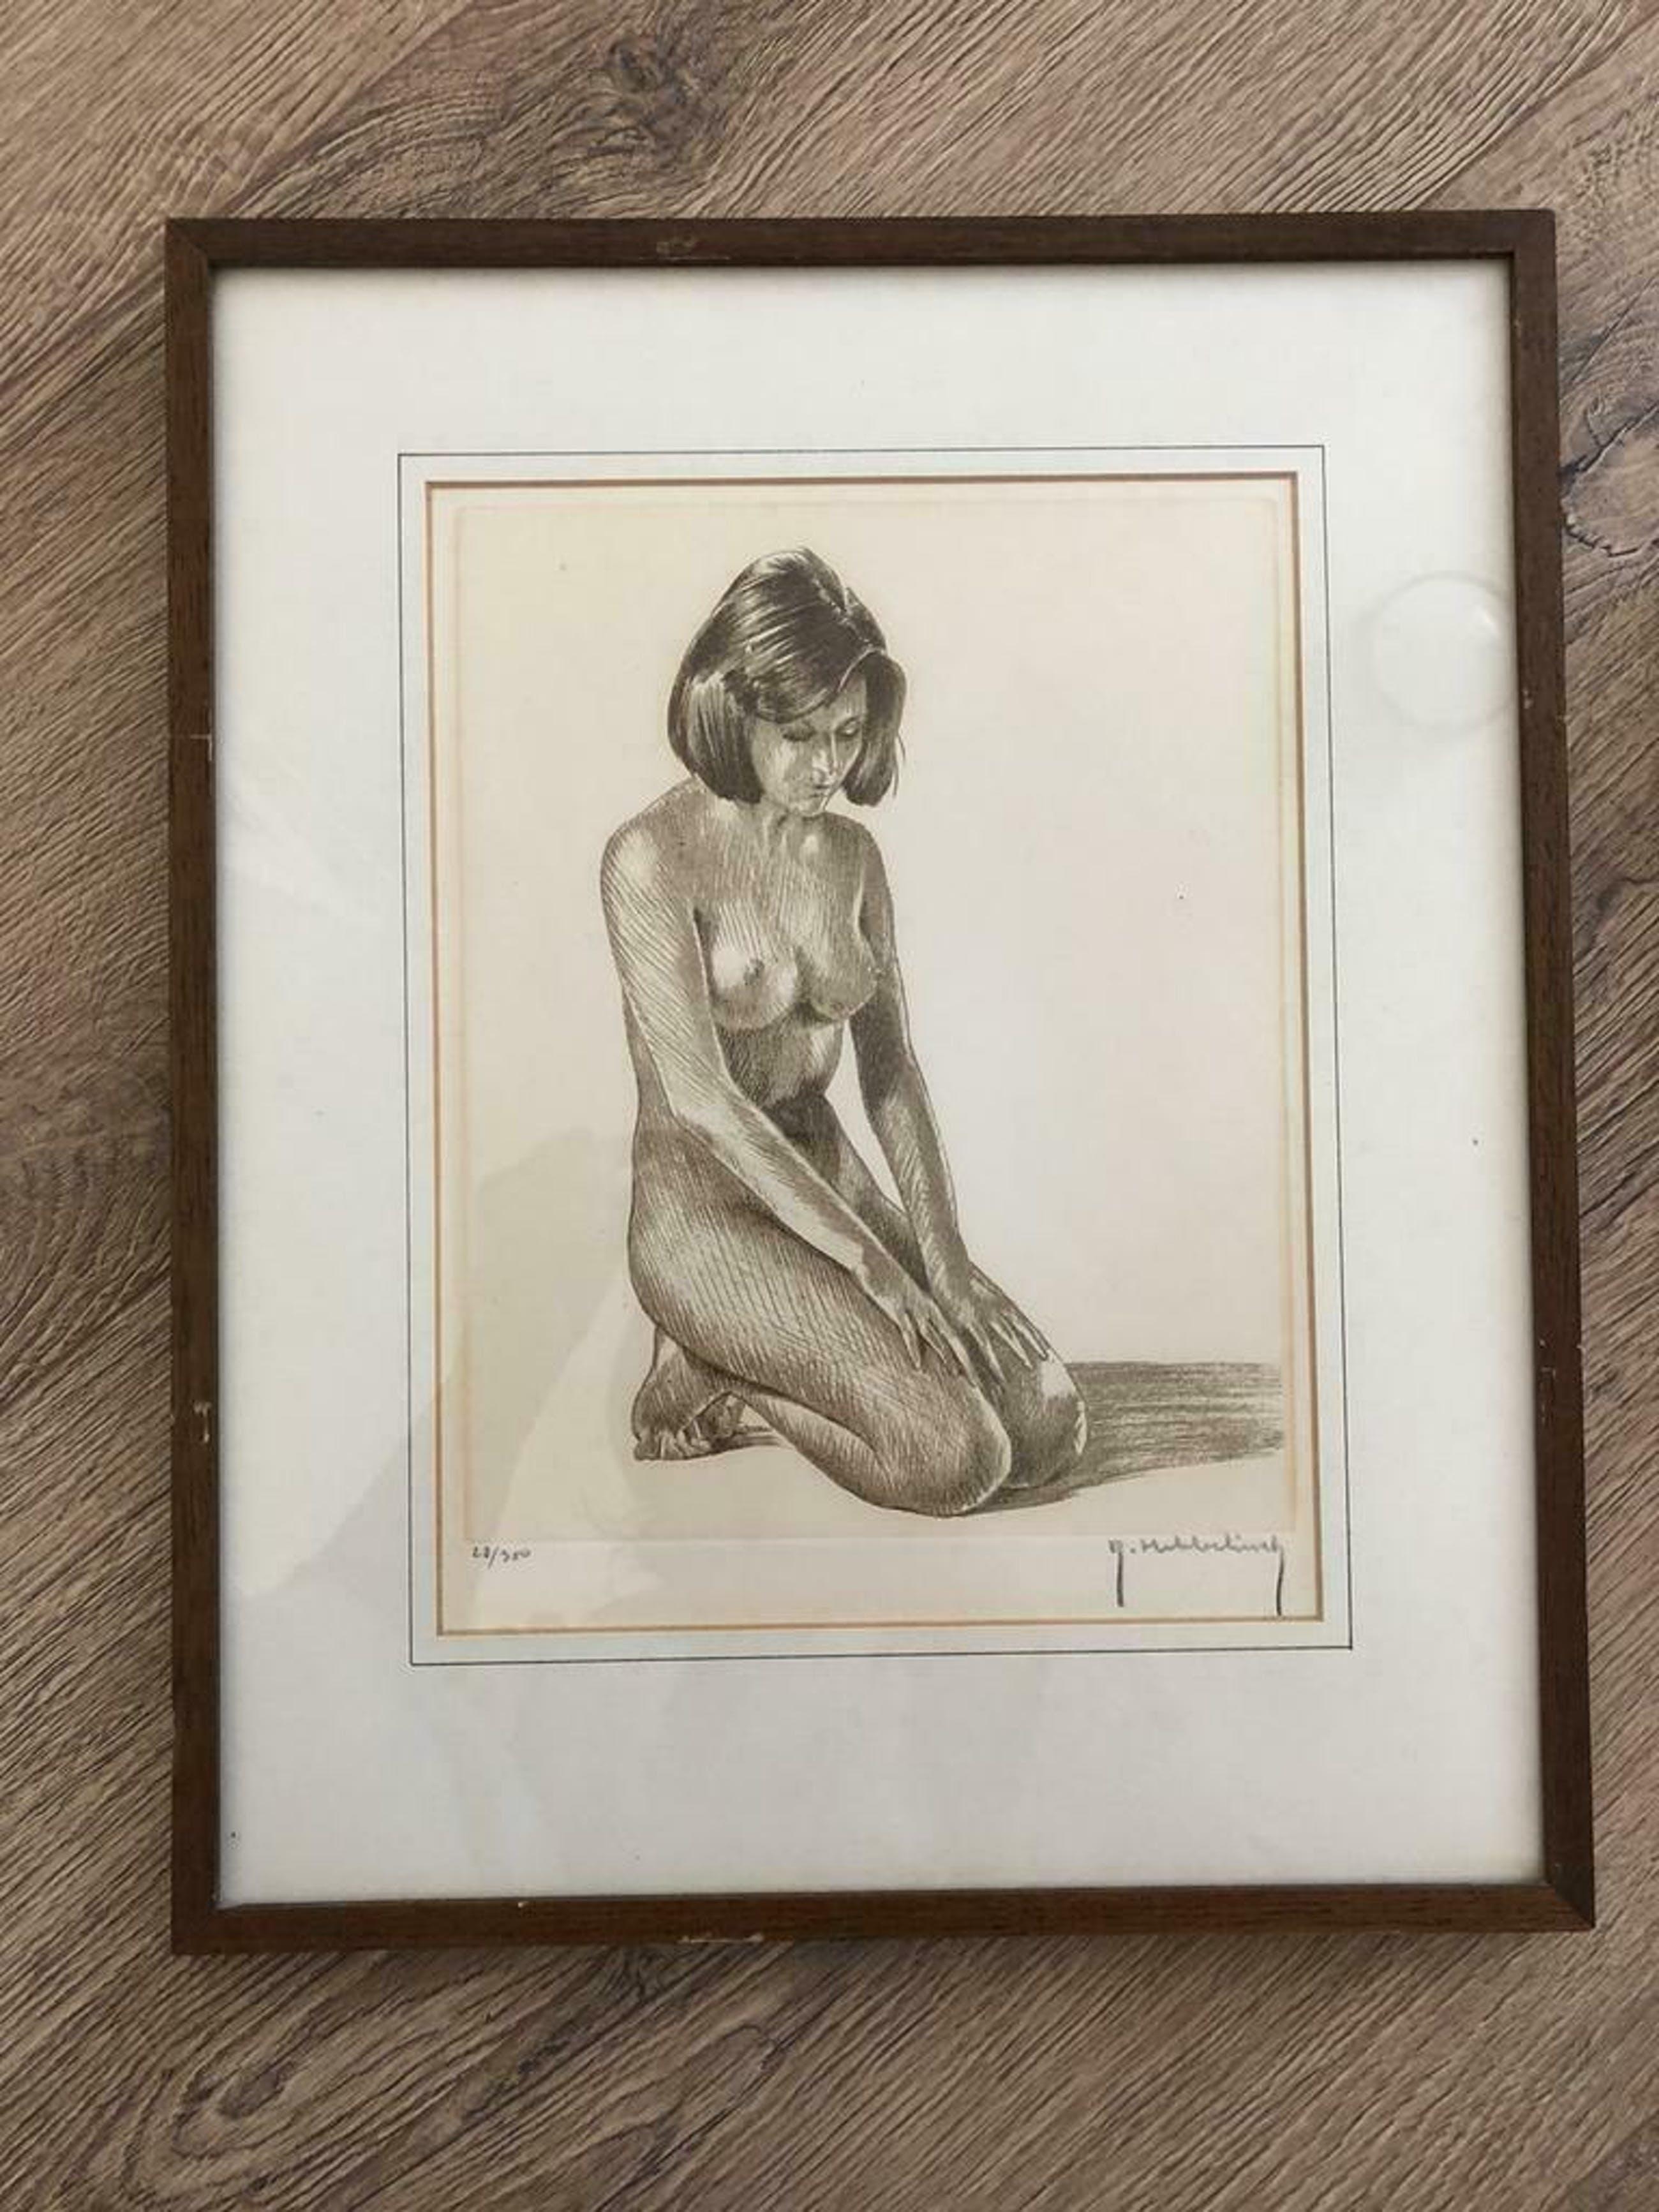 Roger Hebbelinck - 2 prachtige litho's van een naakte dame , gesigneerd en ingelijst kopen? Bied vanaf 75!